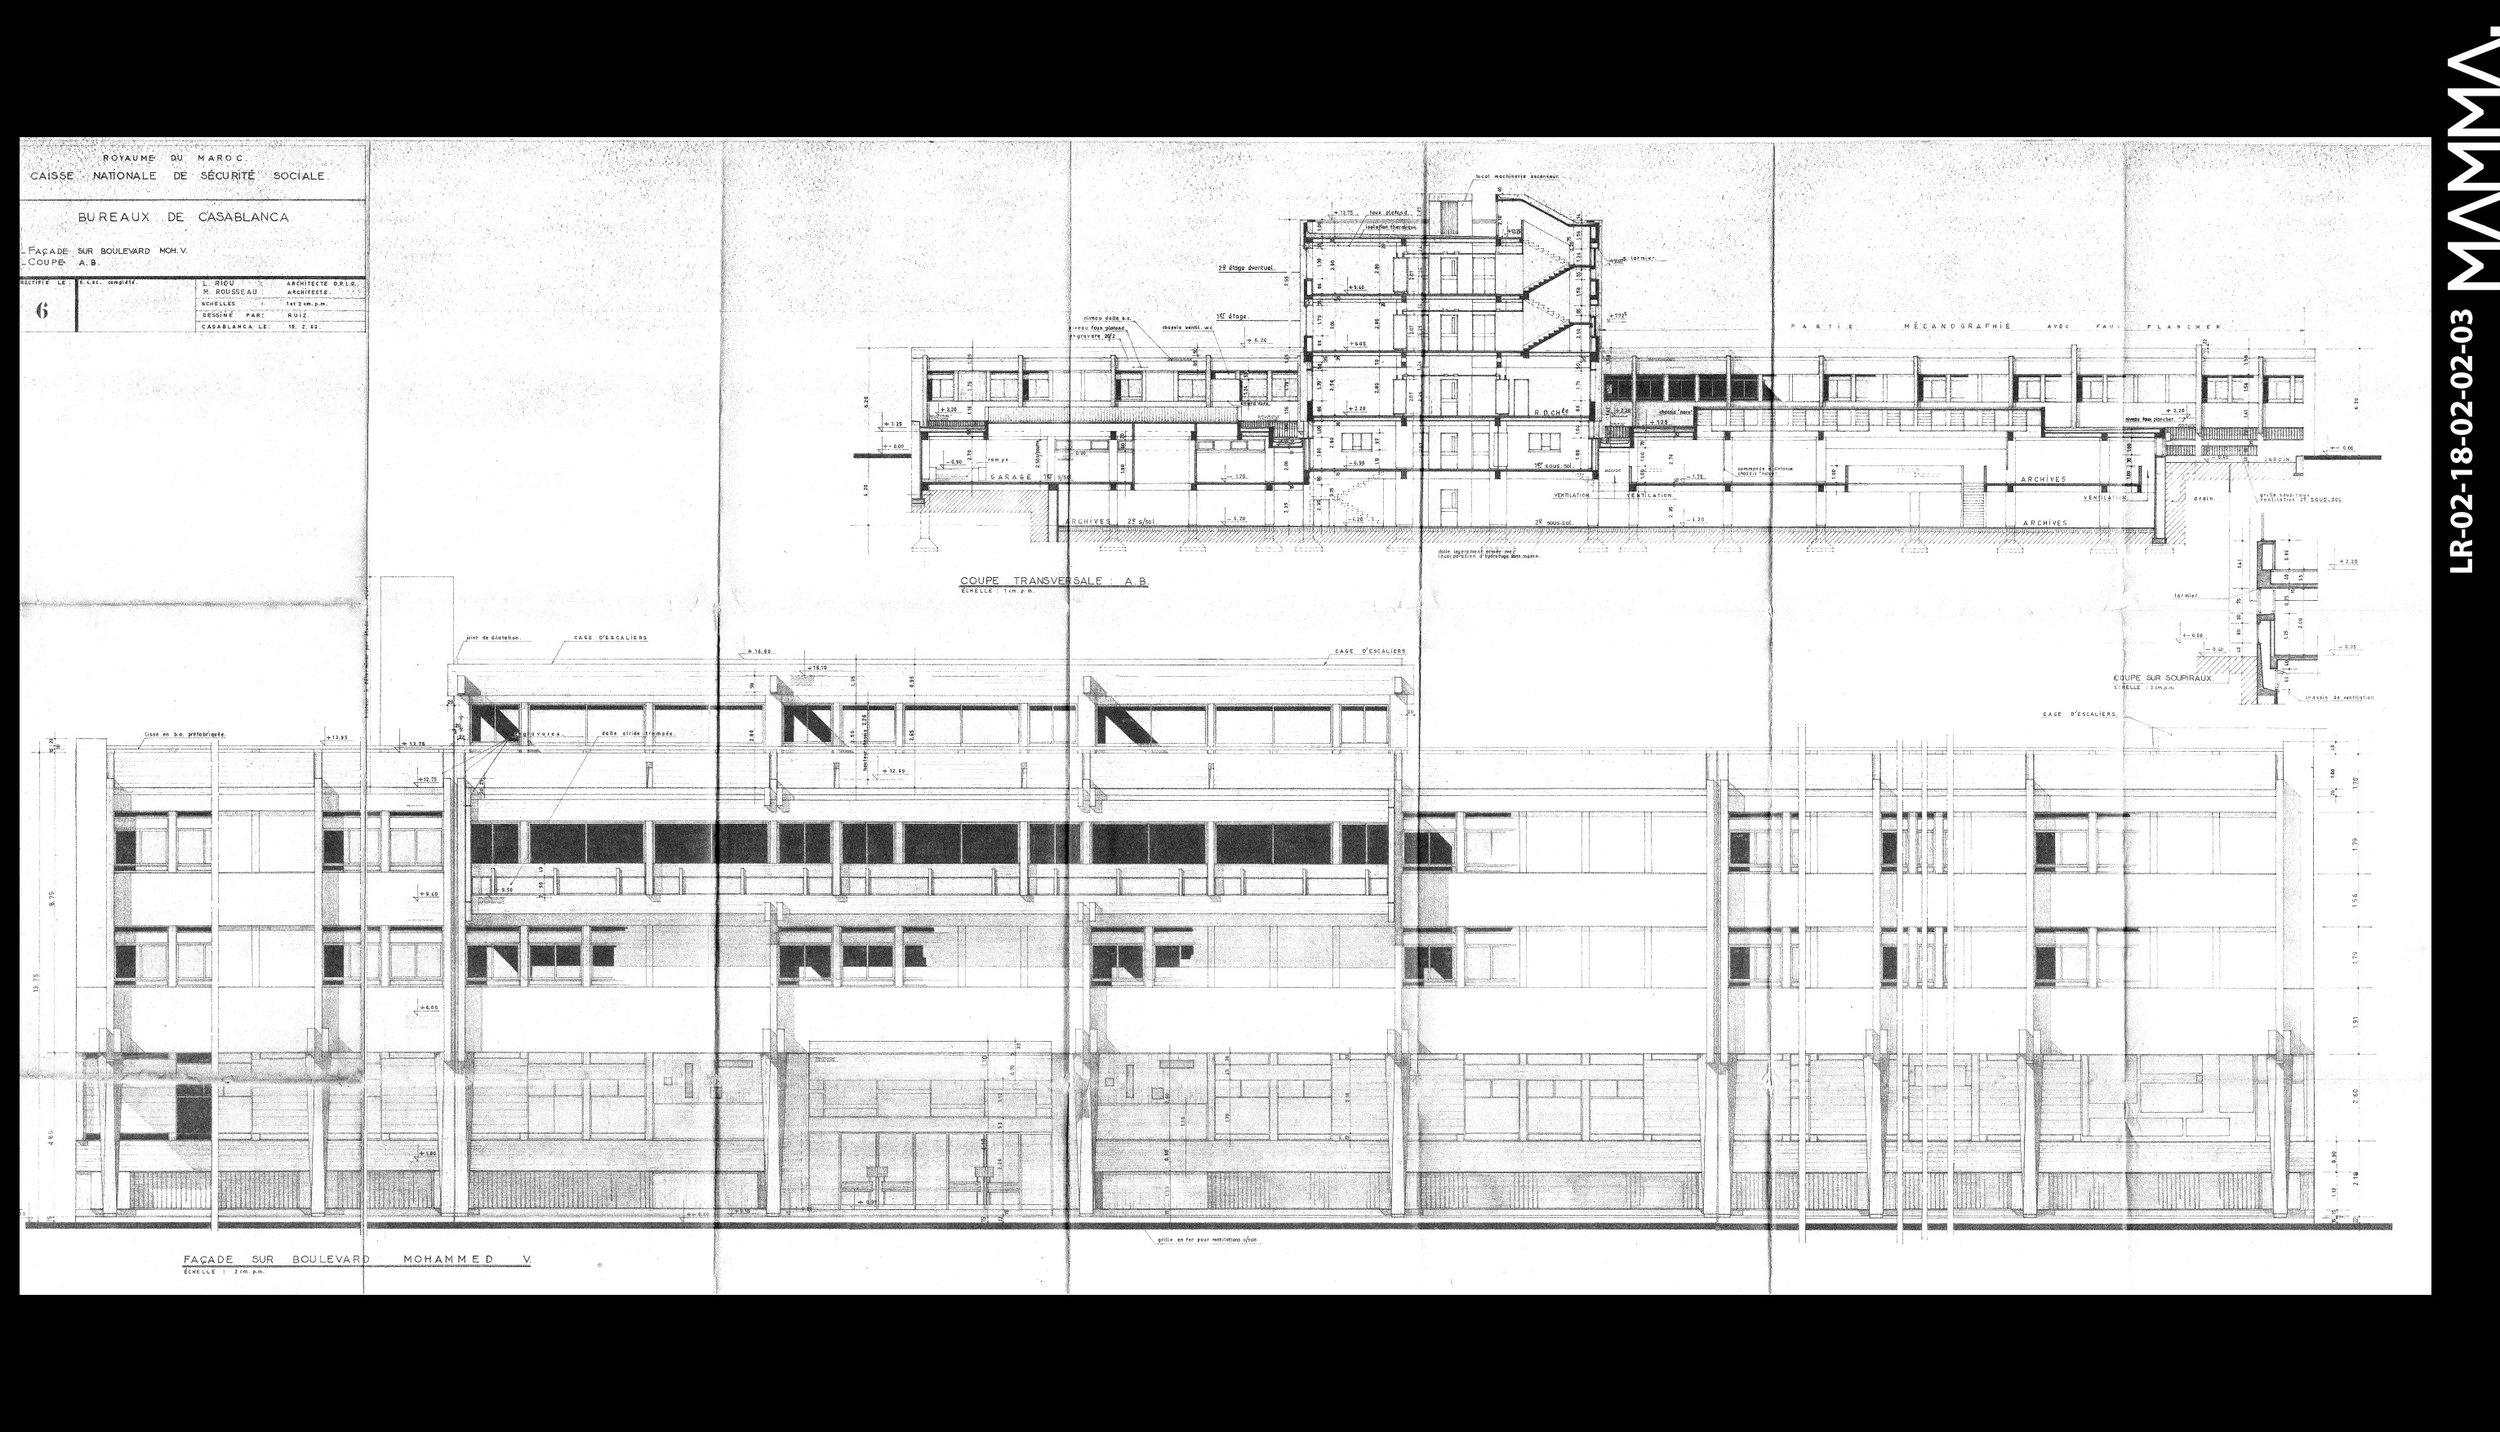 1963-Caisse National de Sécurité Social (CNSS) à Casablanca   Agence: L. Riou - M. Rousseau  Contenu: Façades sur le boulevard Mohammed V - Coupe  Dimensions: 143,4 x 68 cm  © MAMMAARCHIVE   Réf: MAMMA- LR-02-18-02-02-03